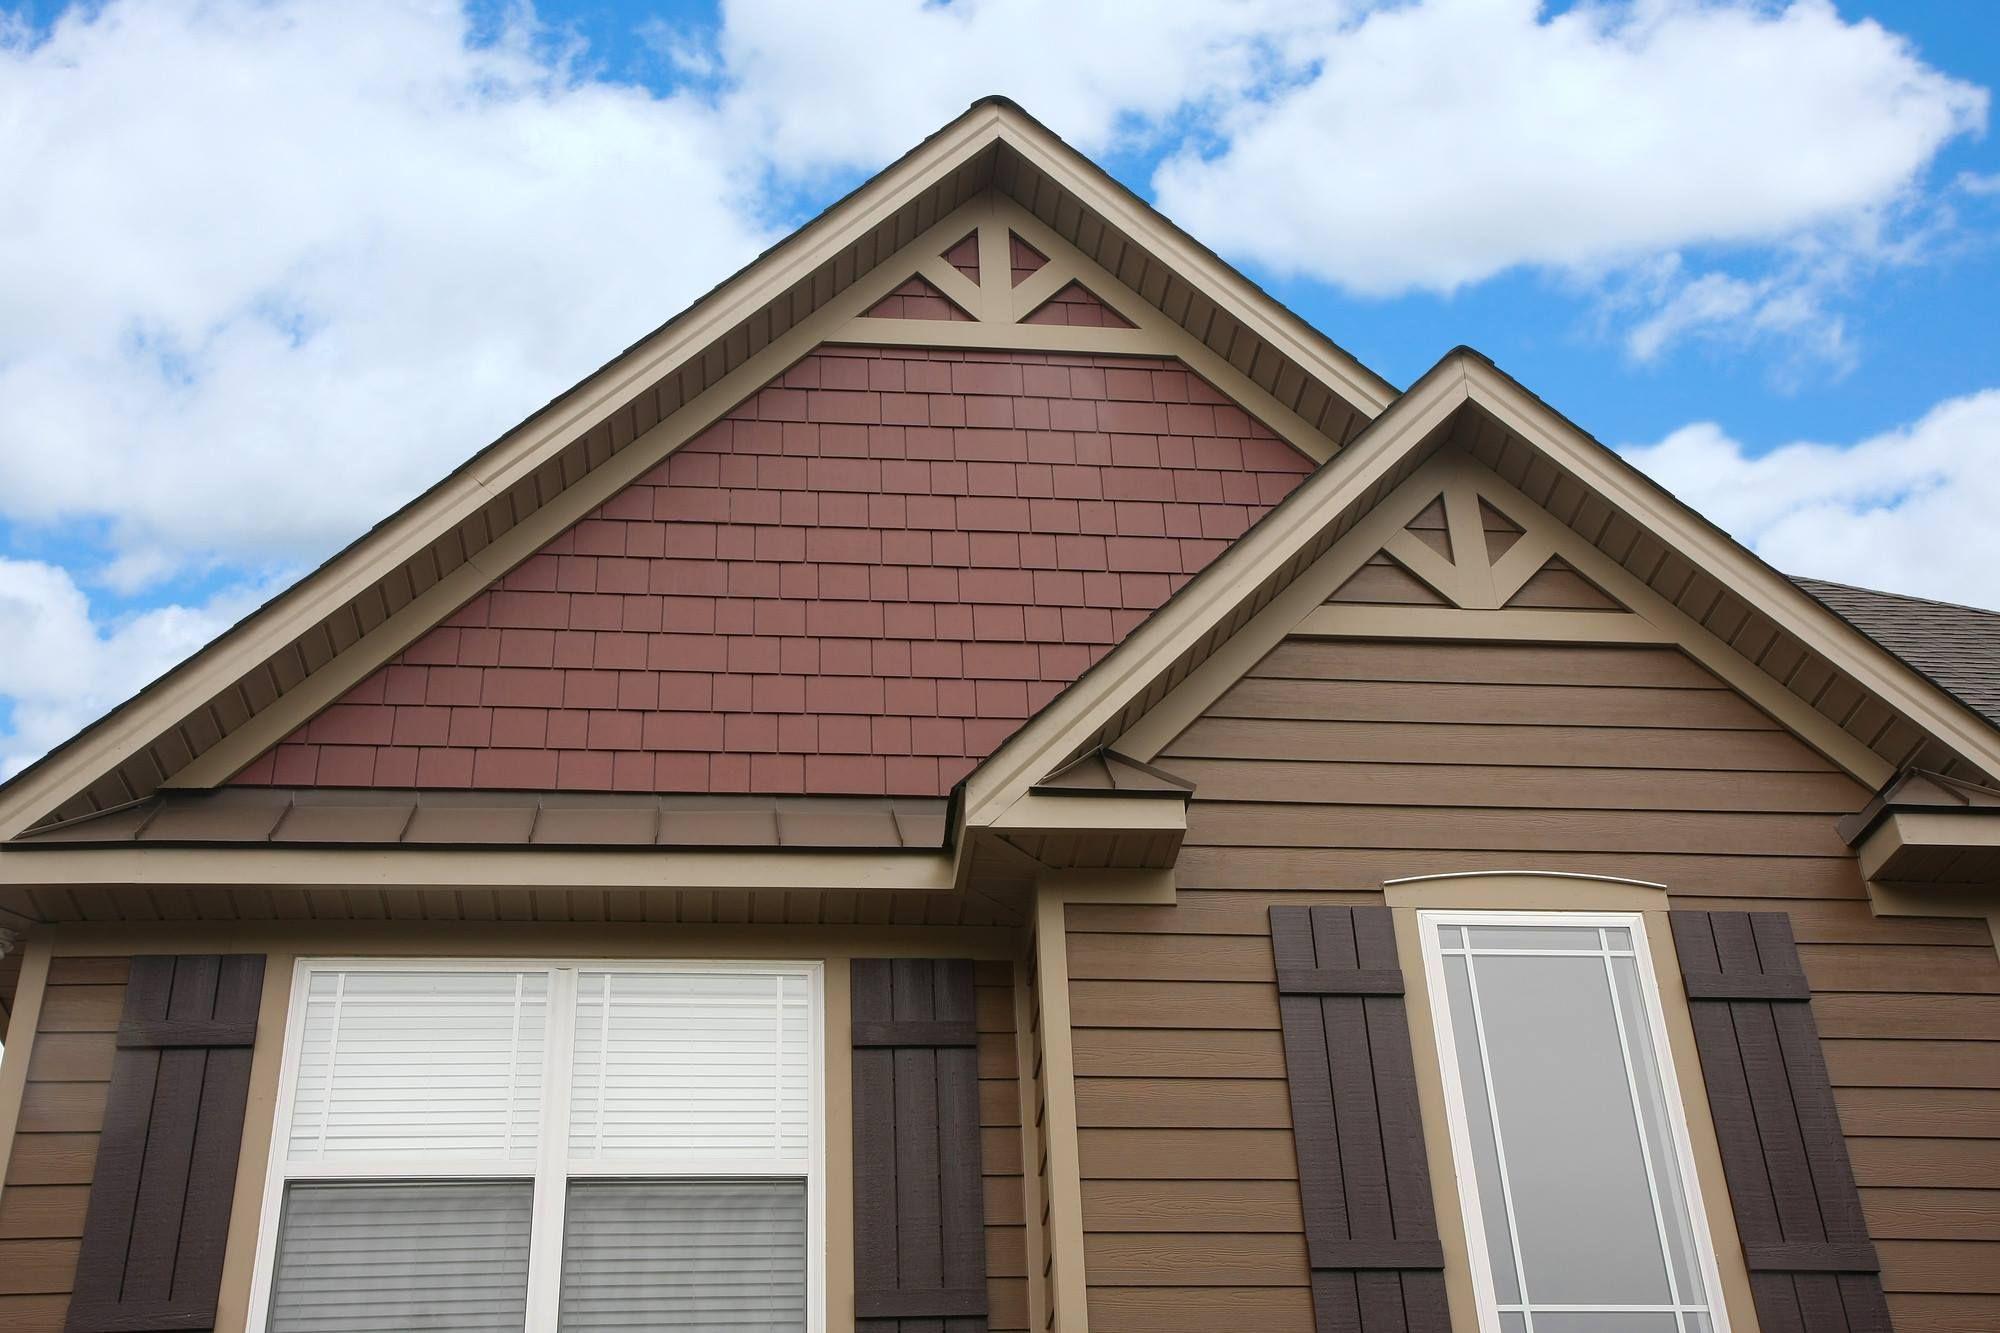 Hardie Roof James Hardie3 Hardy Plank Siding James Hardie Siding Hardie Siding